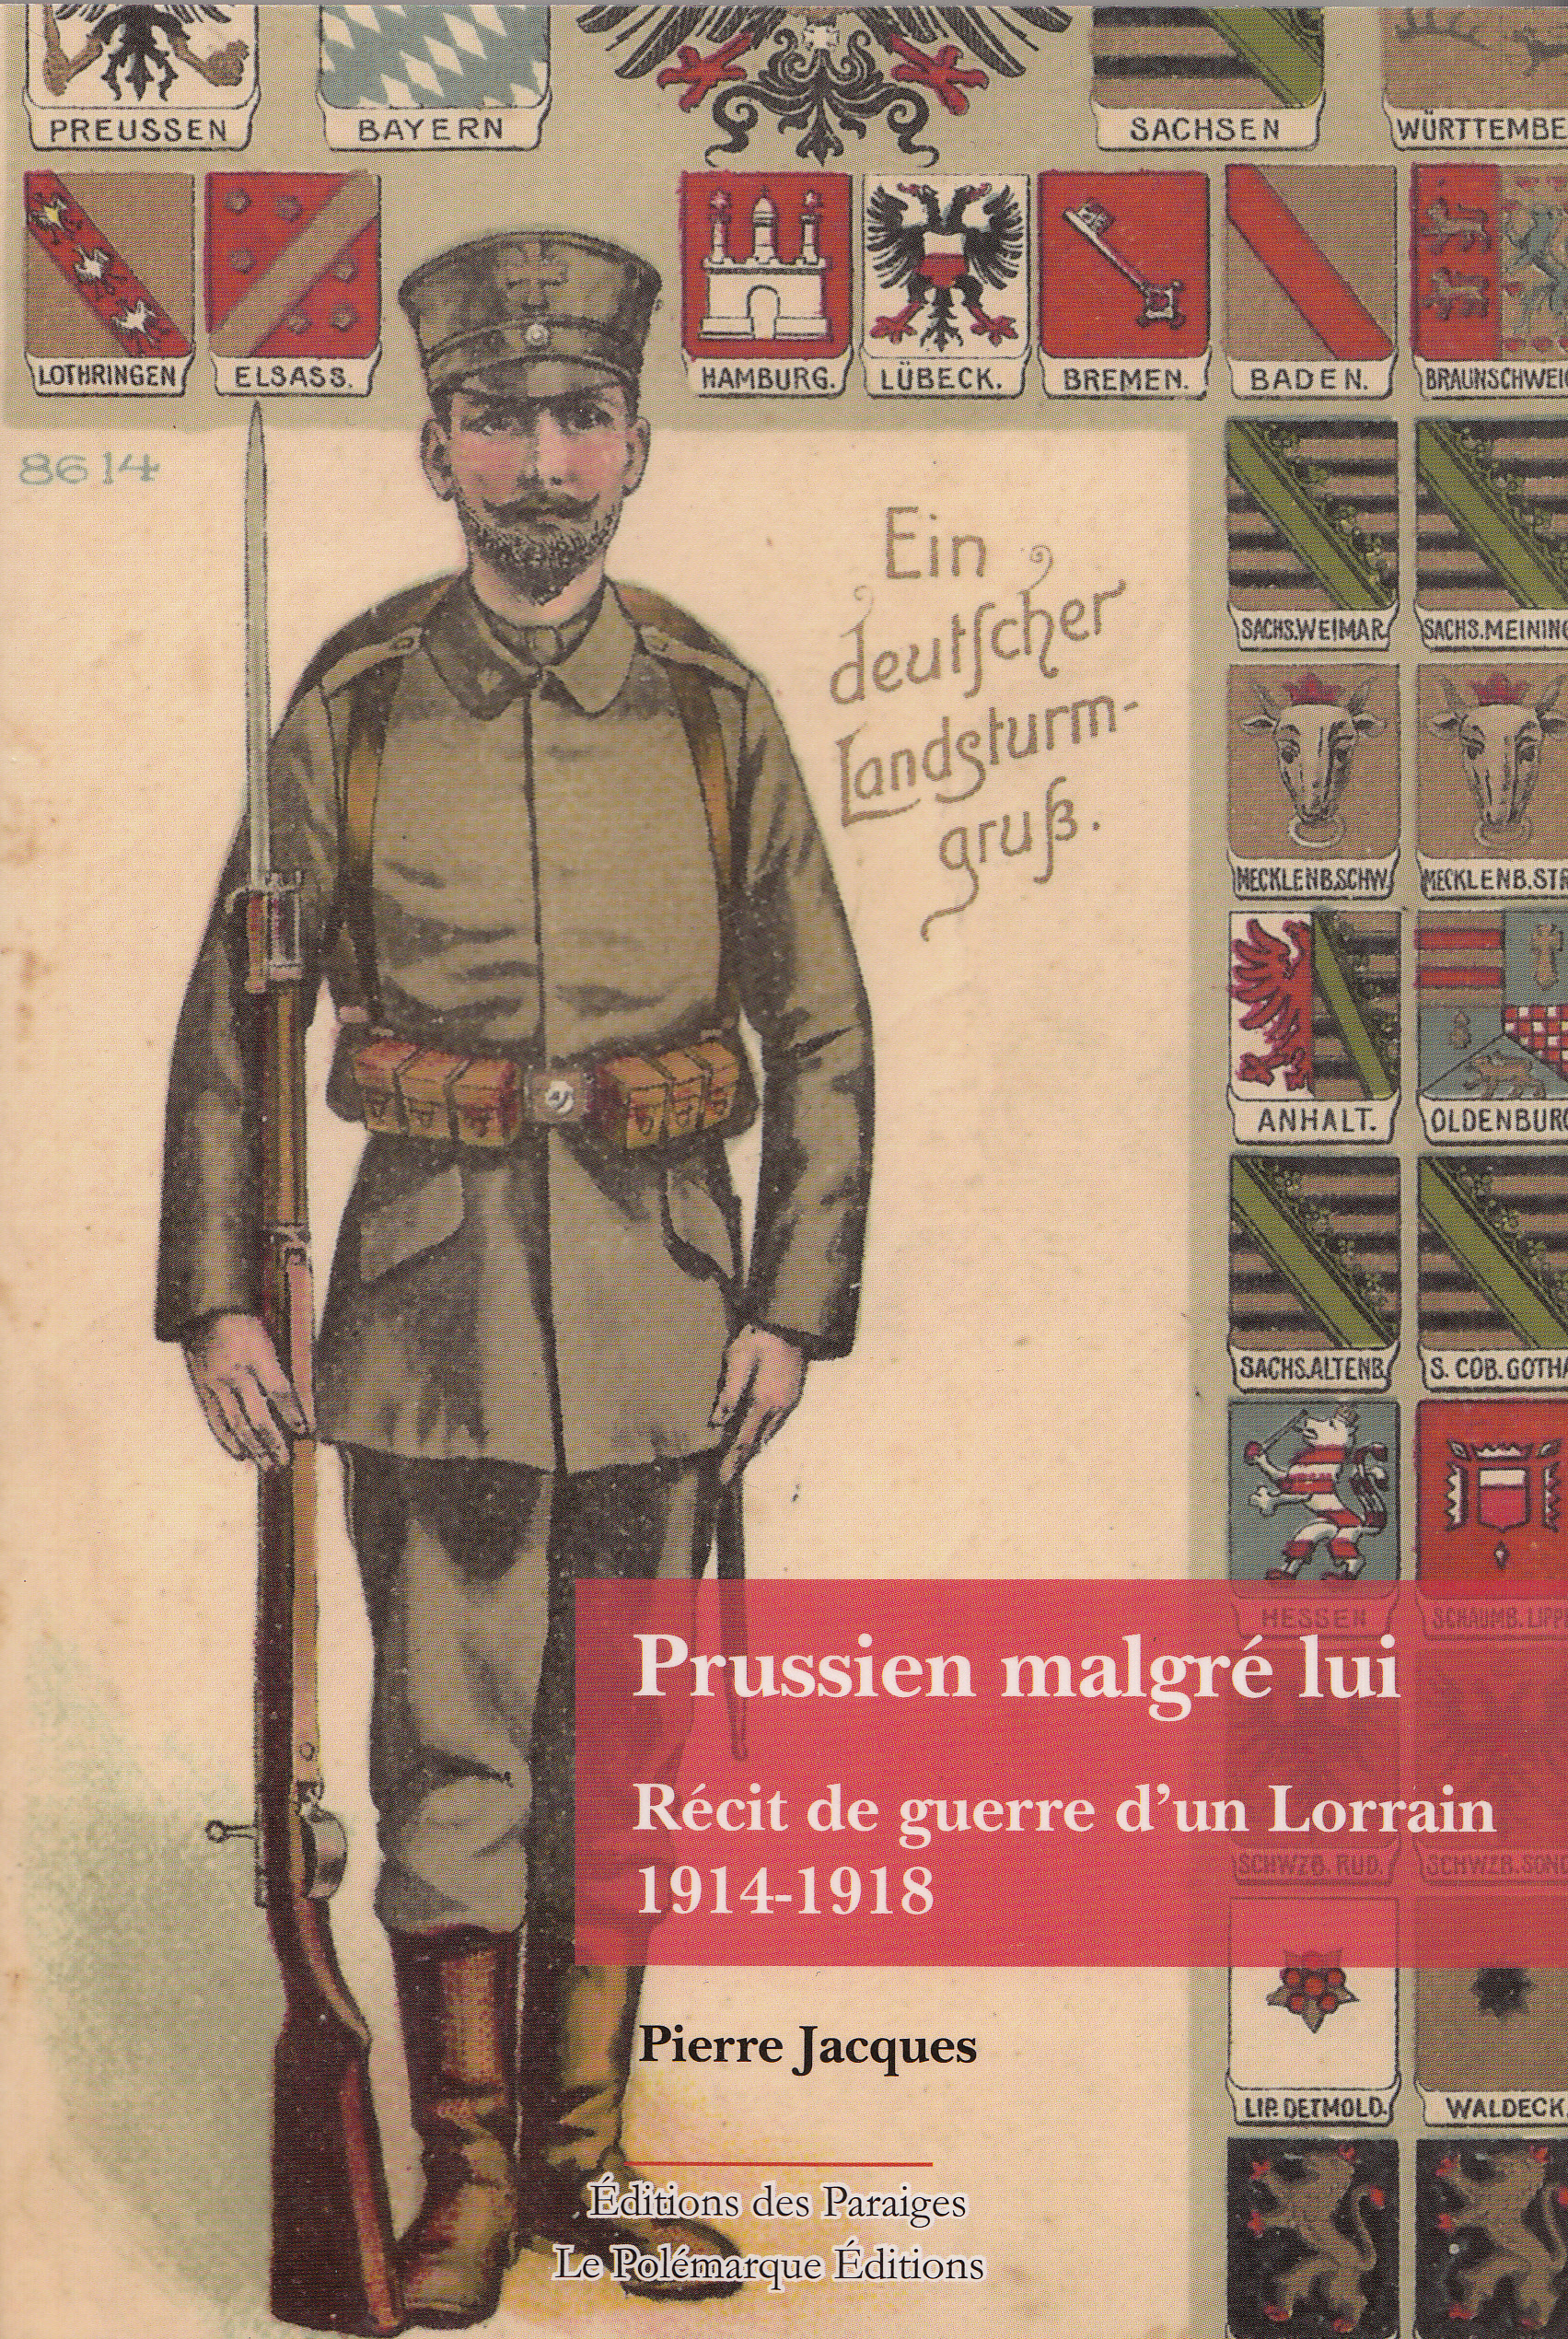 1re de couverture Pierre Jacques